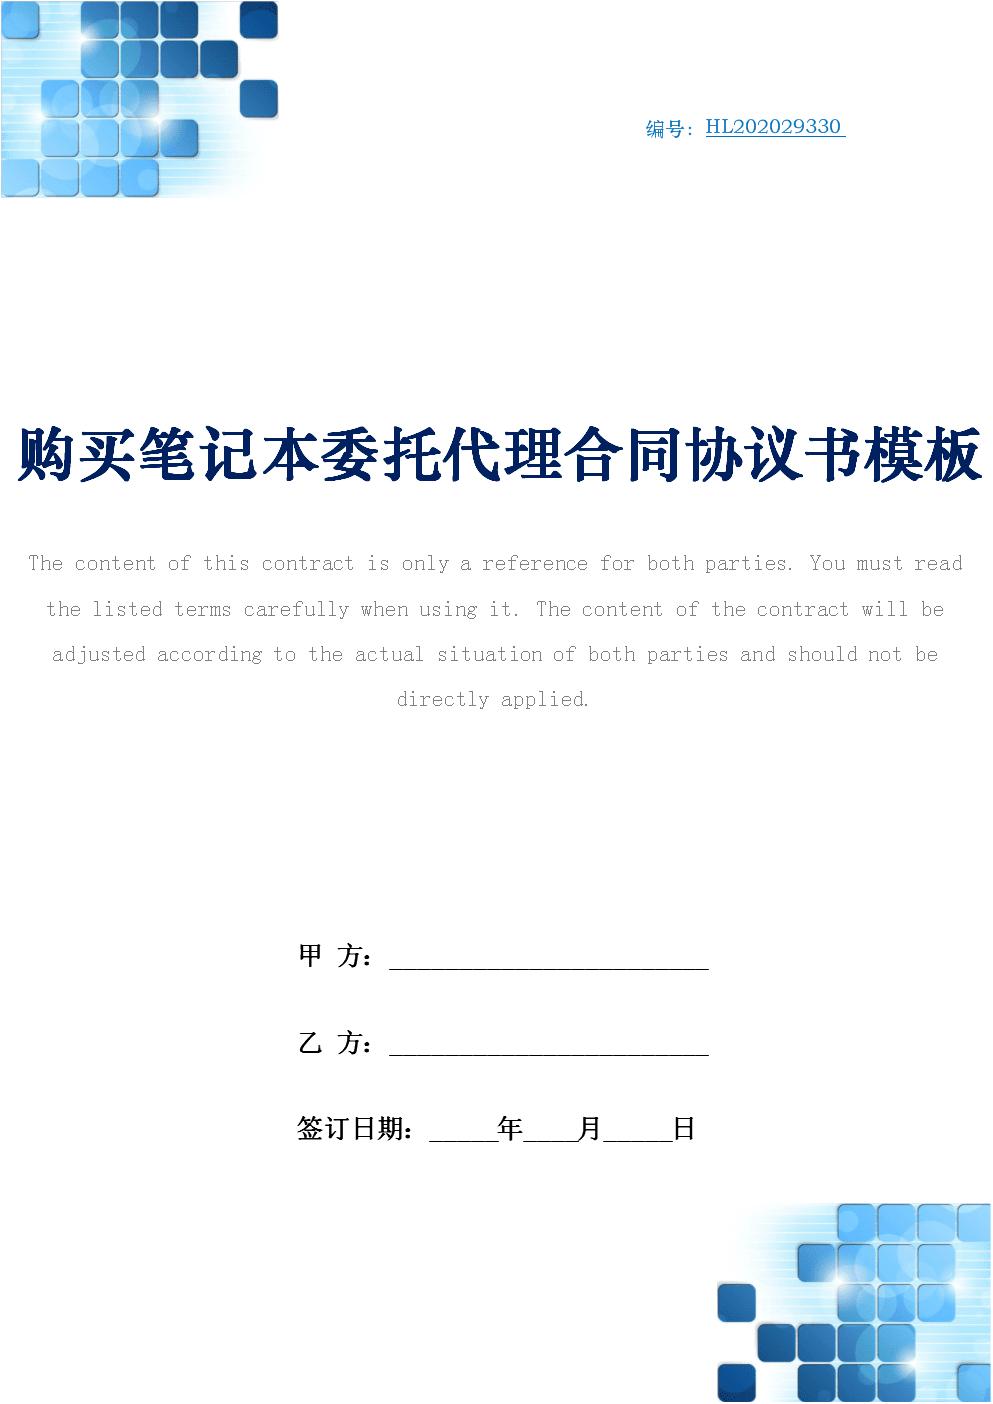 购买笔记本委托代理合同协议书模板.docx